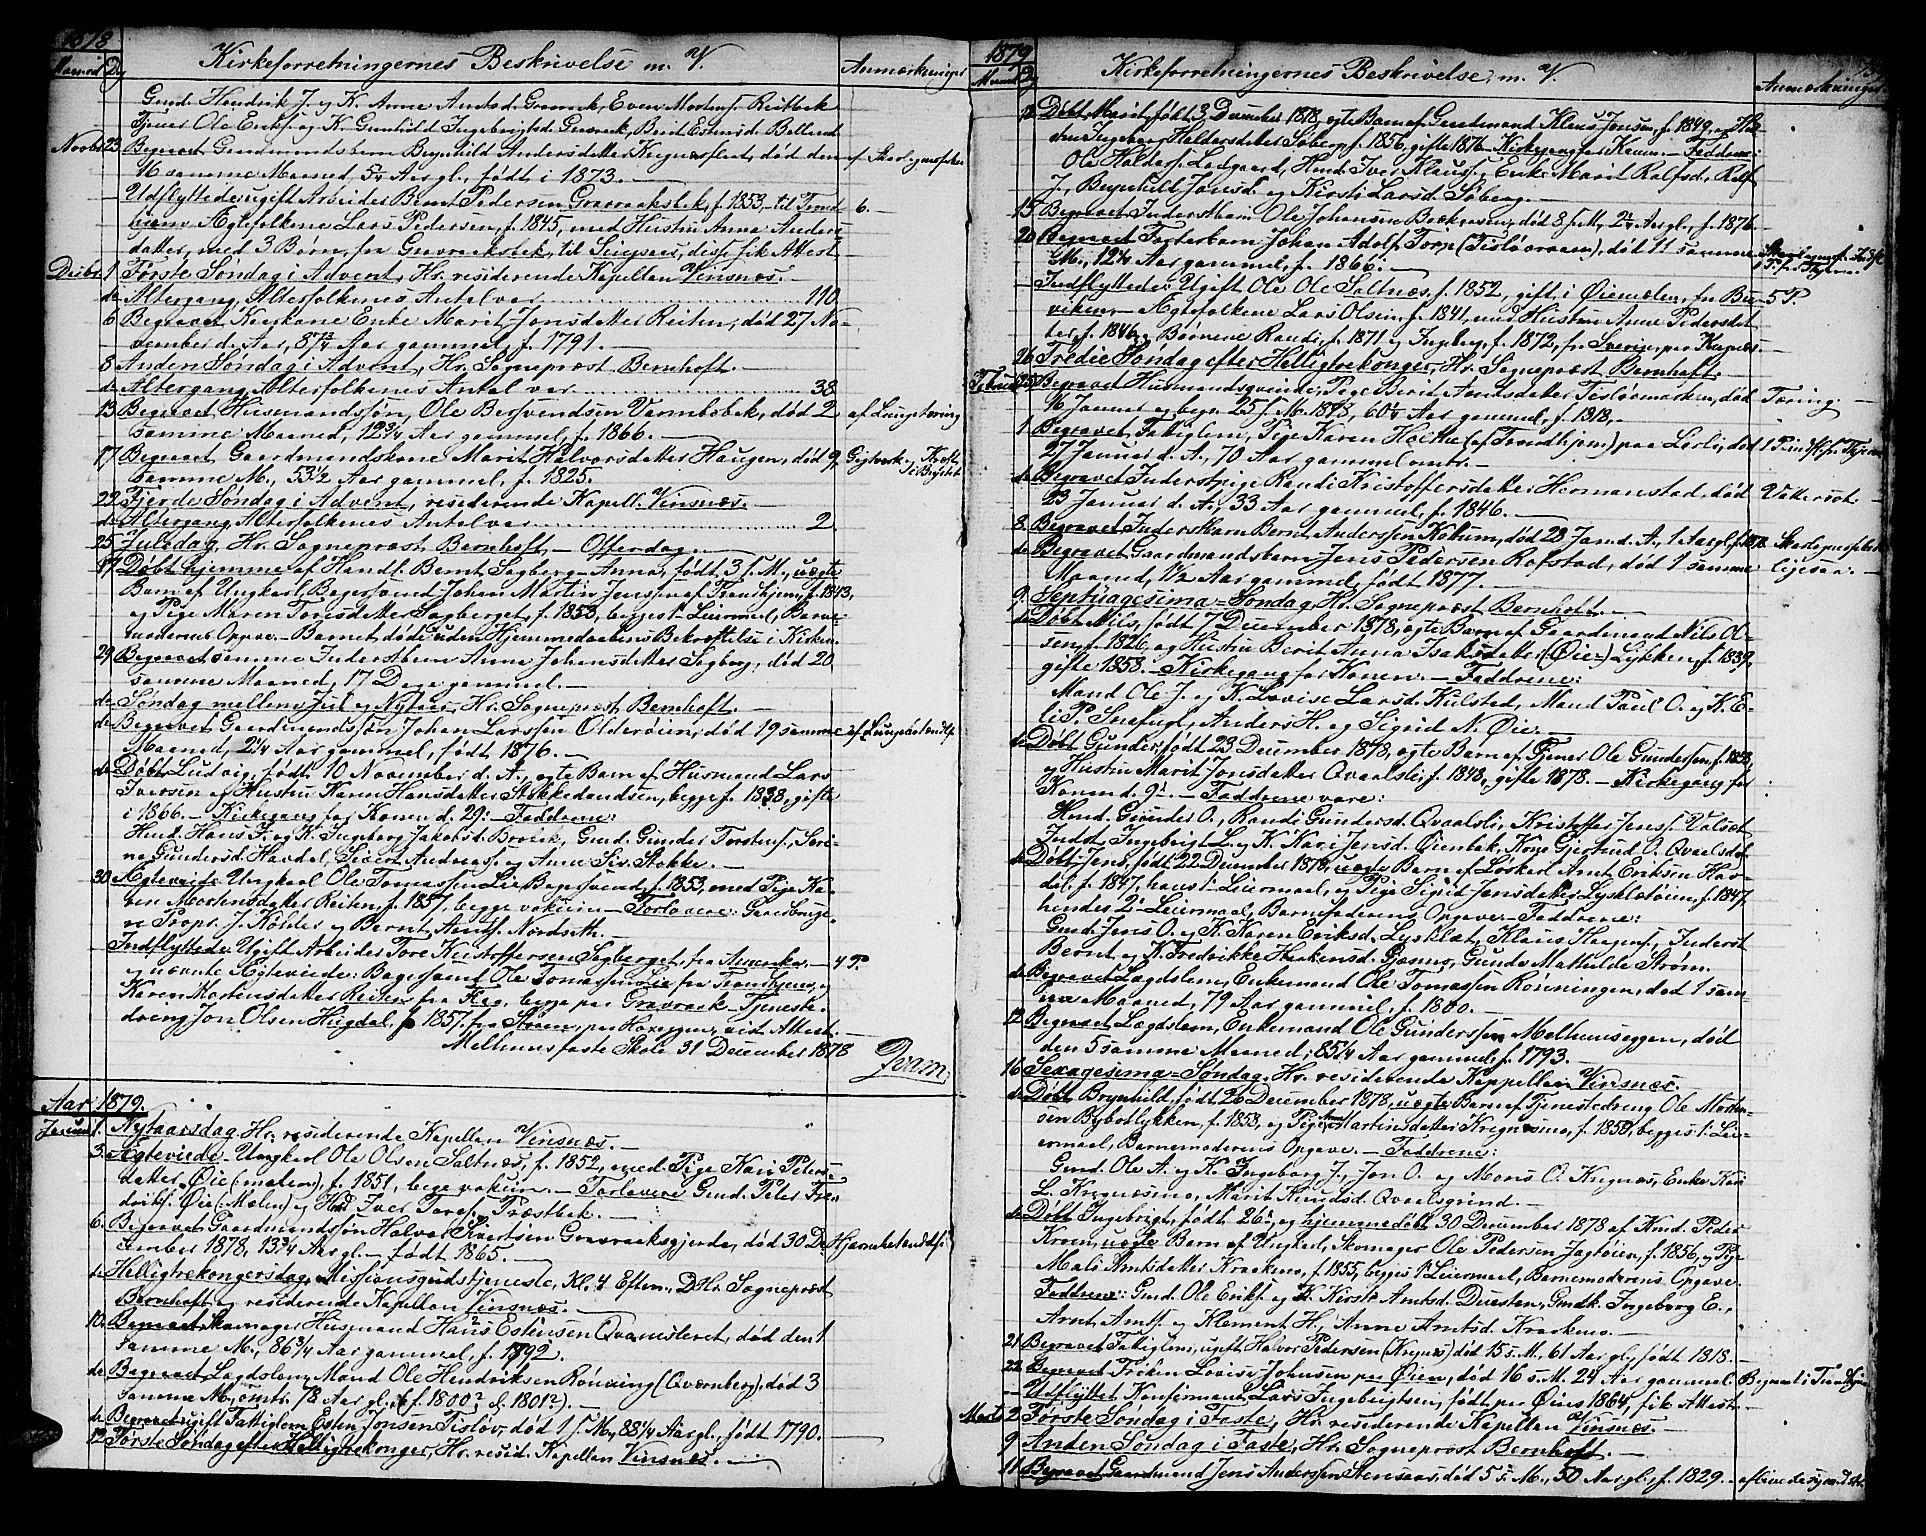 SAT, Ministerialprotokoller, klokkerbøker og fødselsregistre - Sør-Trøndelag, 691/L1093: Klokkerbok nr. 691C04, 1852-1879, s. 139